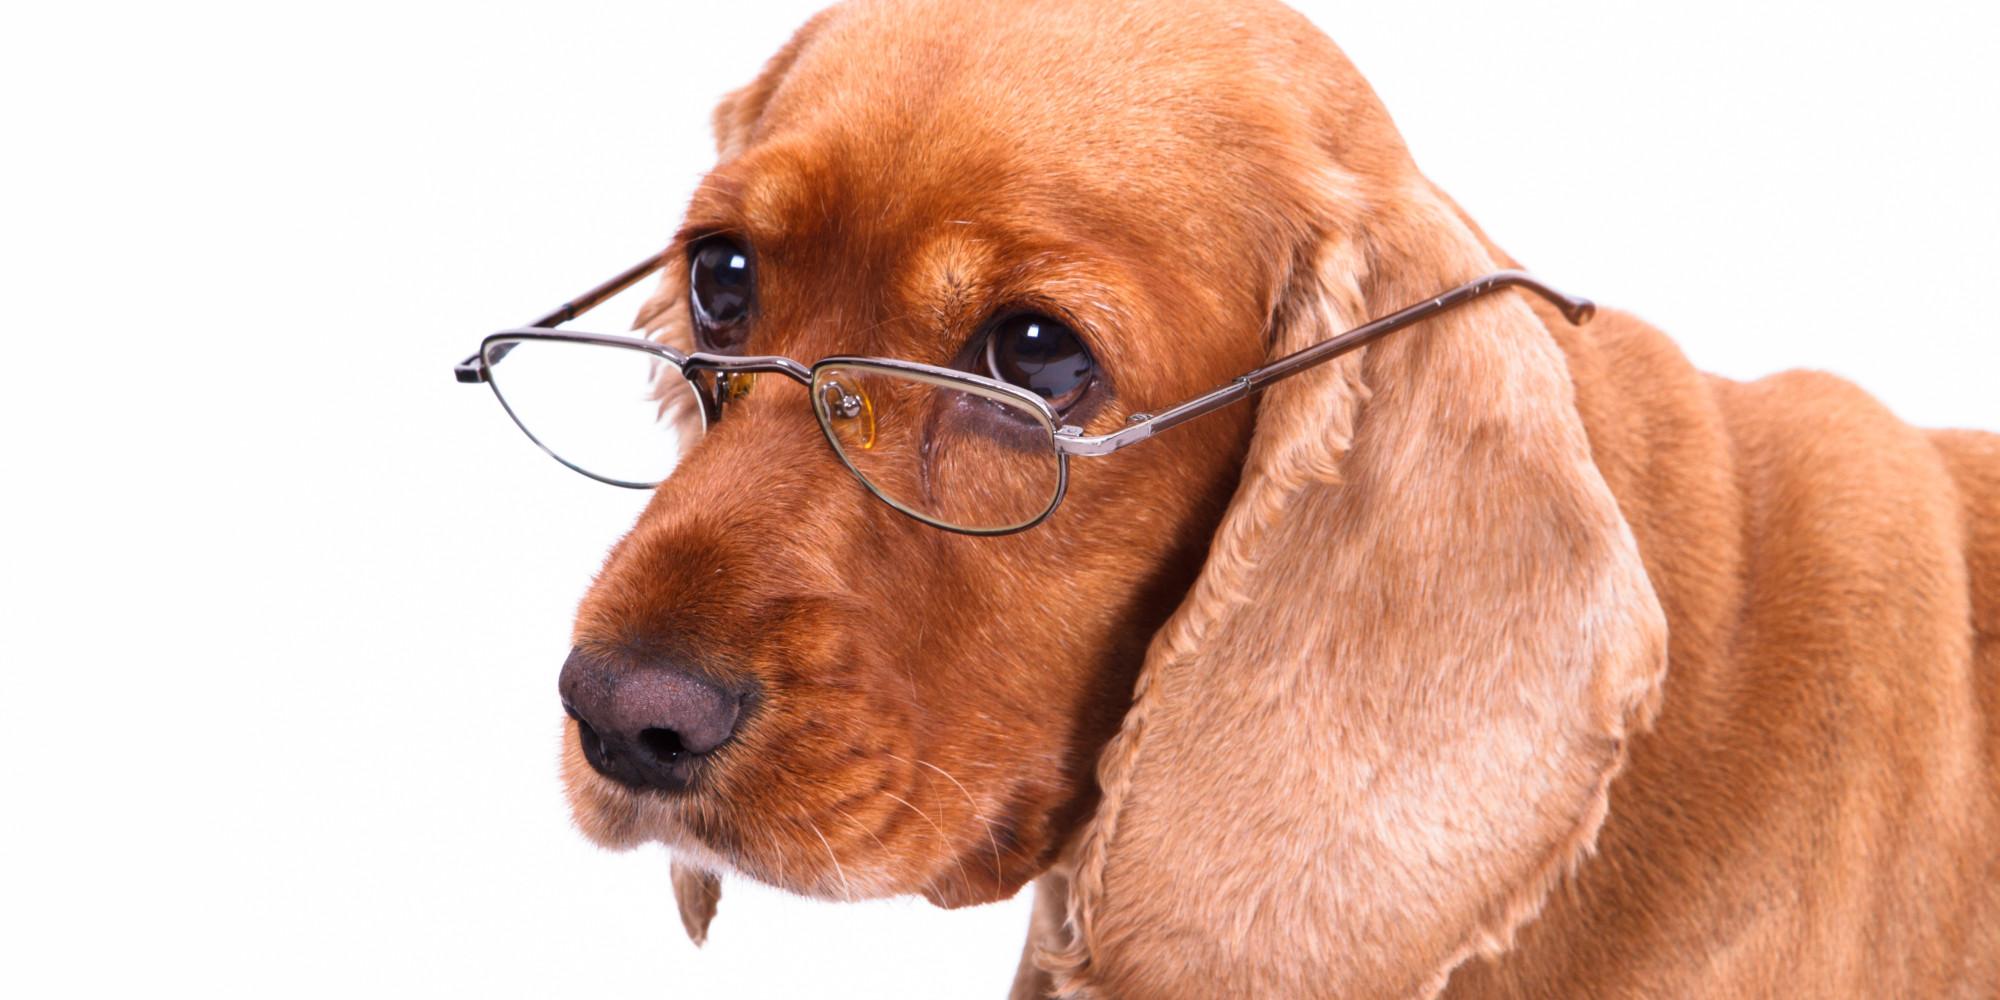 photo: www.petsworld